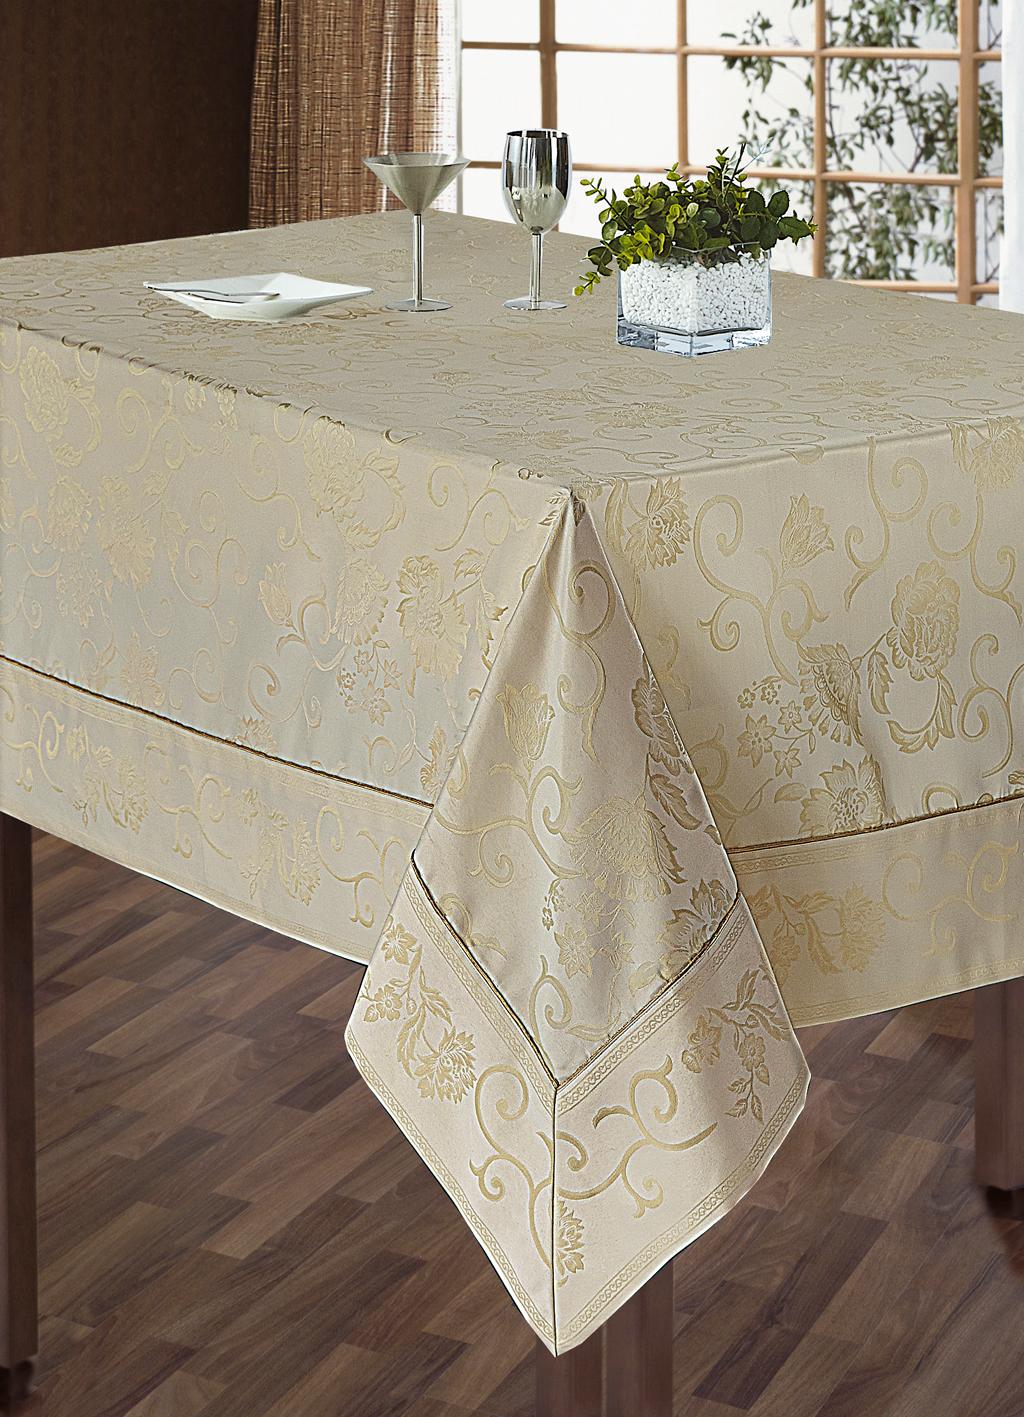 Комплект столового белья SL, цвет: кремовый, 5 предметов. 1010210102Роскошный комплект столового белья SL состоит из скатерти прямоугольной формы и 4 квадратных салфеток. Комплект выполнен из жаккарда с изящным цветочным рисунком. Комплект, несомненно, придаст интерьеру уют и внесет что-то новое. Использование такого комплекта сделает застолье более торжественным, поднимет настроение гостей и приятно удивит их вашим изысканным вкусом. Вы можете использовать этот комплект для повседневной трапезы, превратив каждый прием пищи в волшебный праздник и веселье.Жаккард - одна из дорогих тканей. Жаккардовые ткани очень прочны и долговечны, очень удобны в эксплуатации. Изготавливается жаккард благодаря особой технике плетения в основном из хлопчатобумажной, синтетической или смесовой пряжи. Своеобразный рельефный рисунок, который получается в результате сложного плетения на плотной ткани, напоминает своего рода гобелен. Комплект упакован в красивую подарочную коробку.Soft Line - мягкая эстетика для вас и вашего дома! Основанная в 1997 году, компания Soft Line является путеводителем по мягкому миру текстиля, полному удивительных достопримечательностей! Высочайшее качество тканей в сочетании с эксклюзивным дизайном и изысканными отделками неизменно привлекают как требовательного покупателя, так и взыскательного профессионала! Материал: жаккард (100% полиэстер).В комплект входит: Скатерть - 1 шт. Размер: 150 см х 180 см. Салфетки - 4 шт. Размер: 40 см х 40 см.